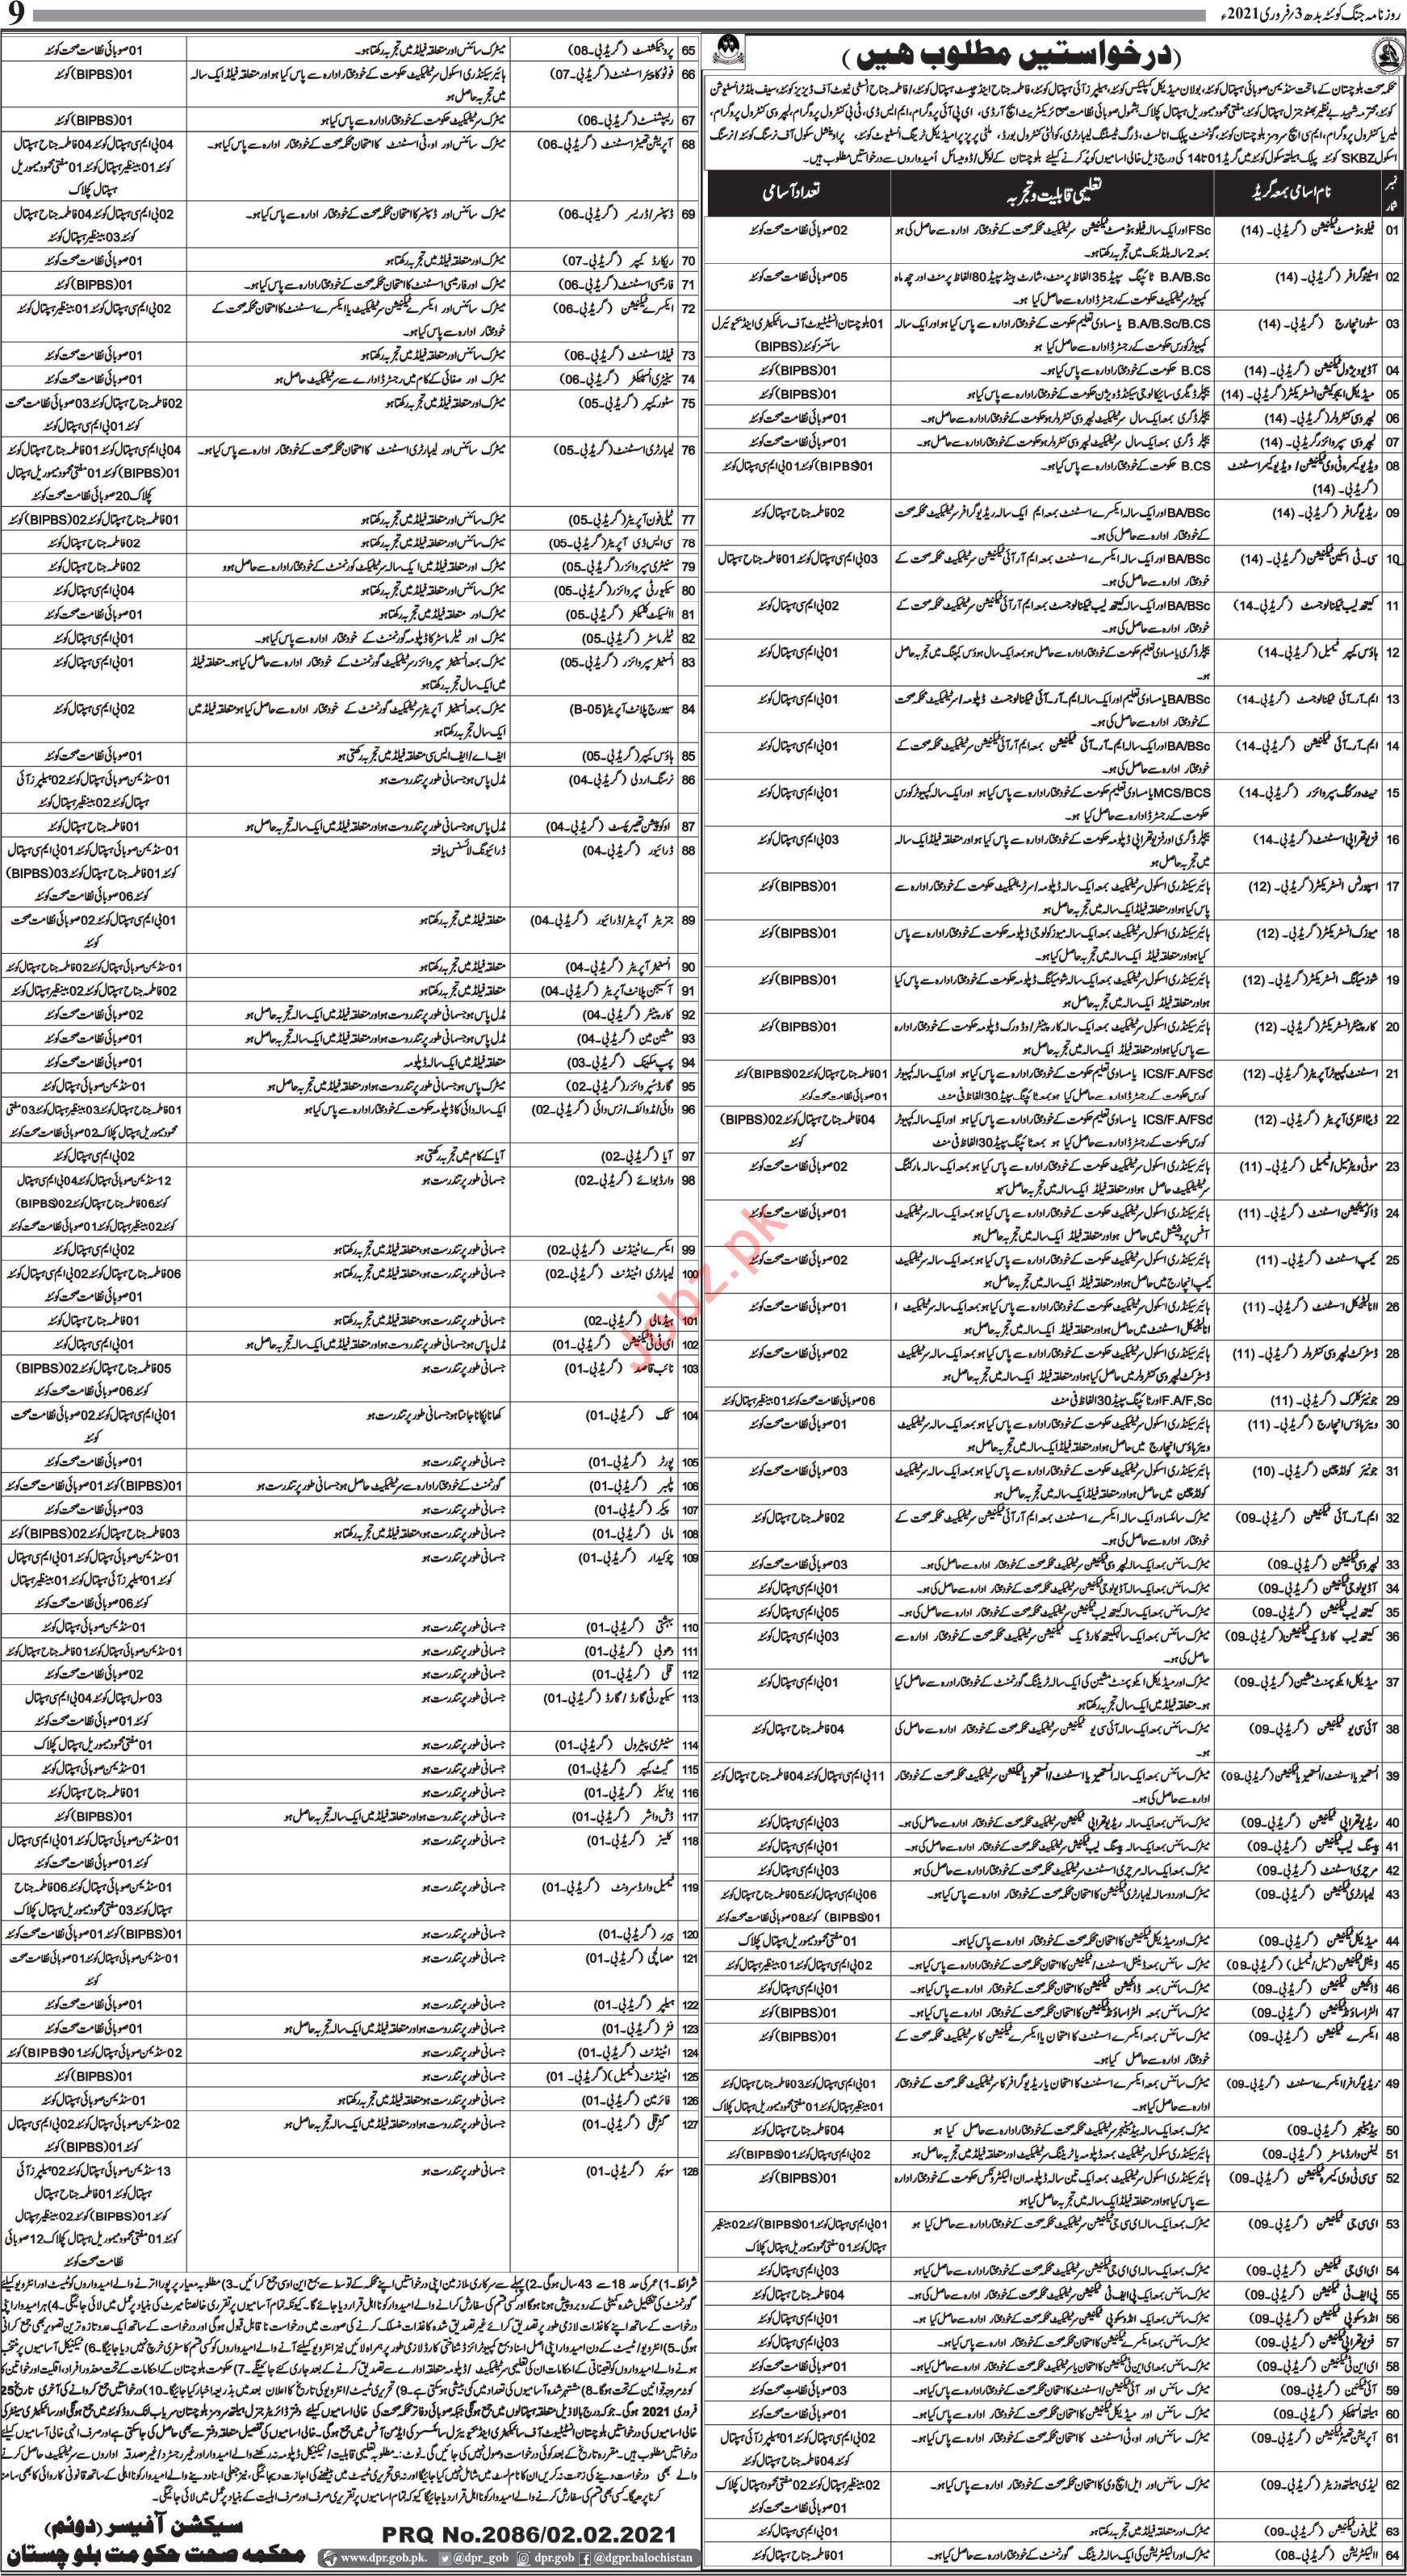 Health Department Balochistan Jobs 2021 for Technicians